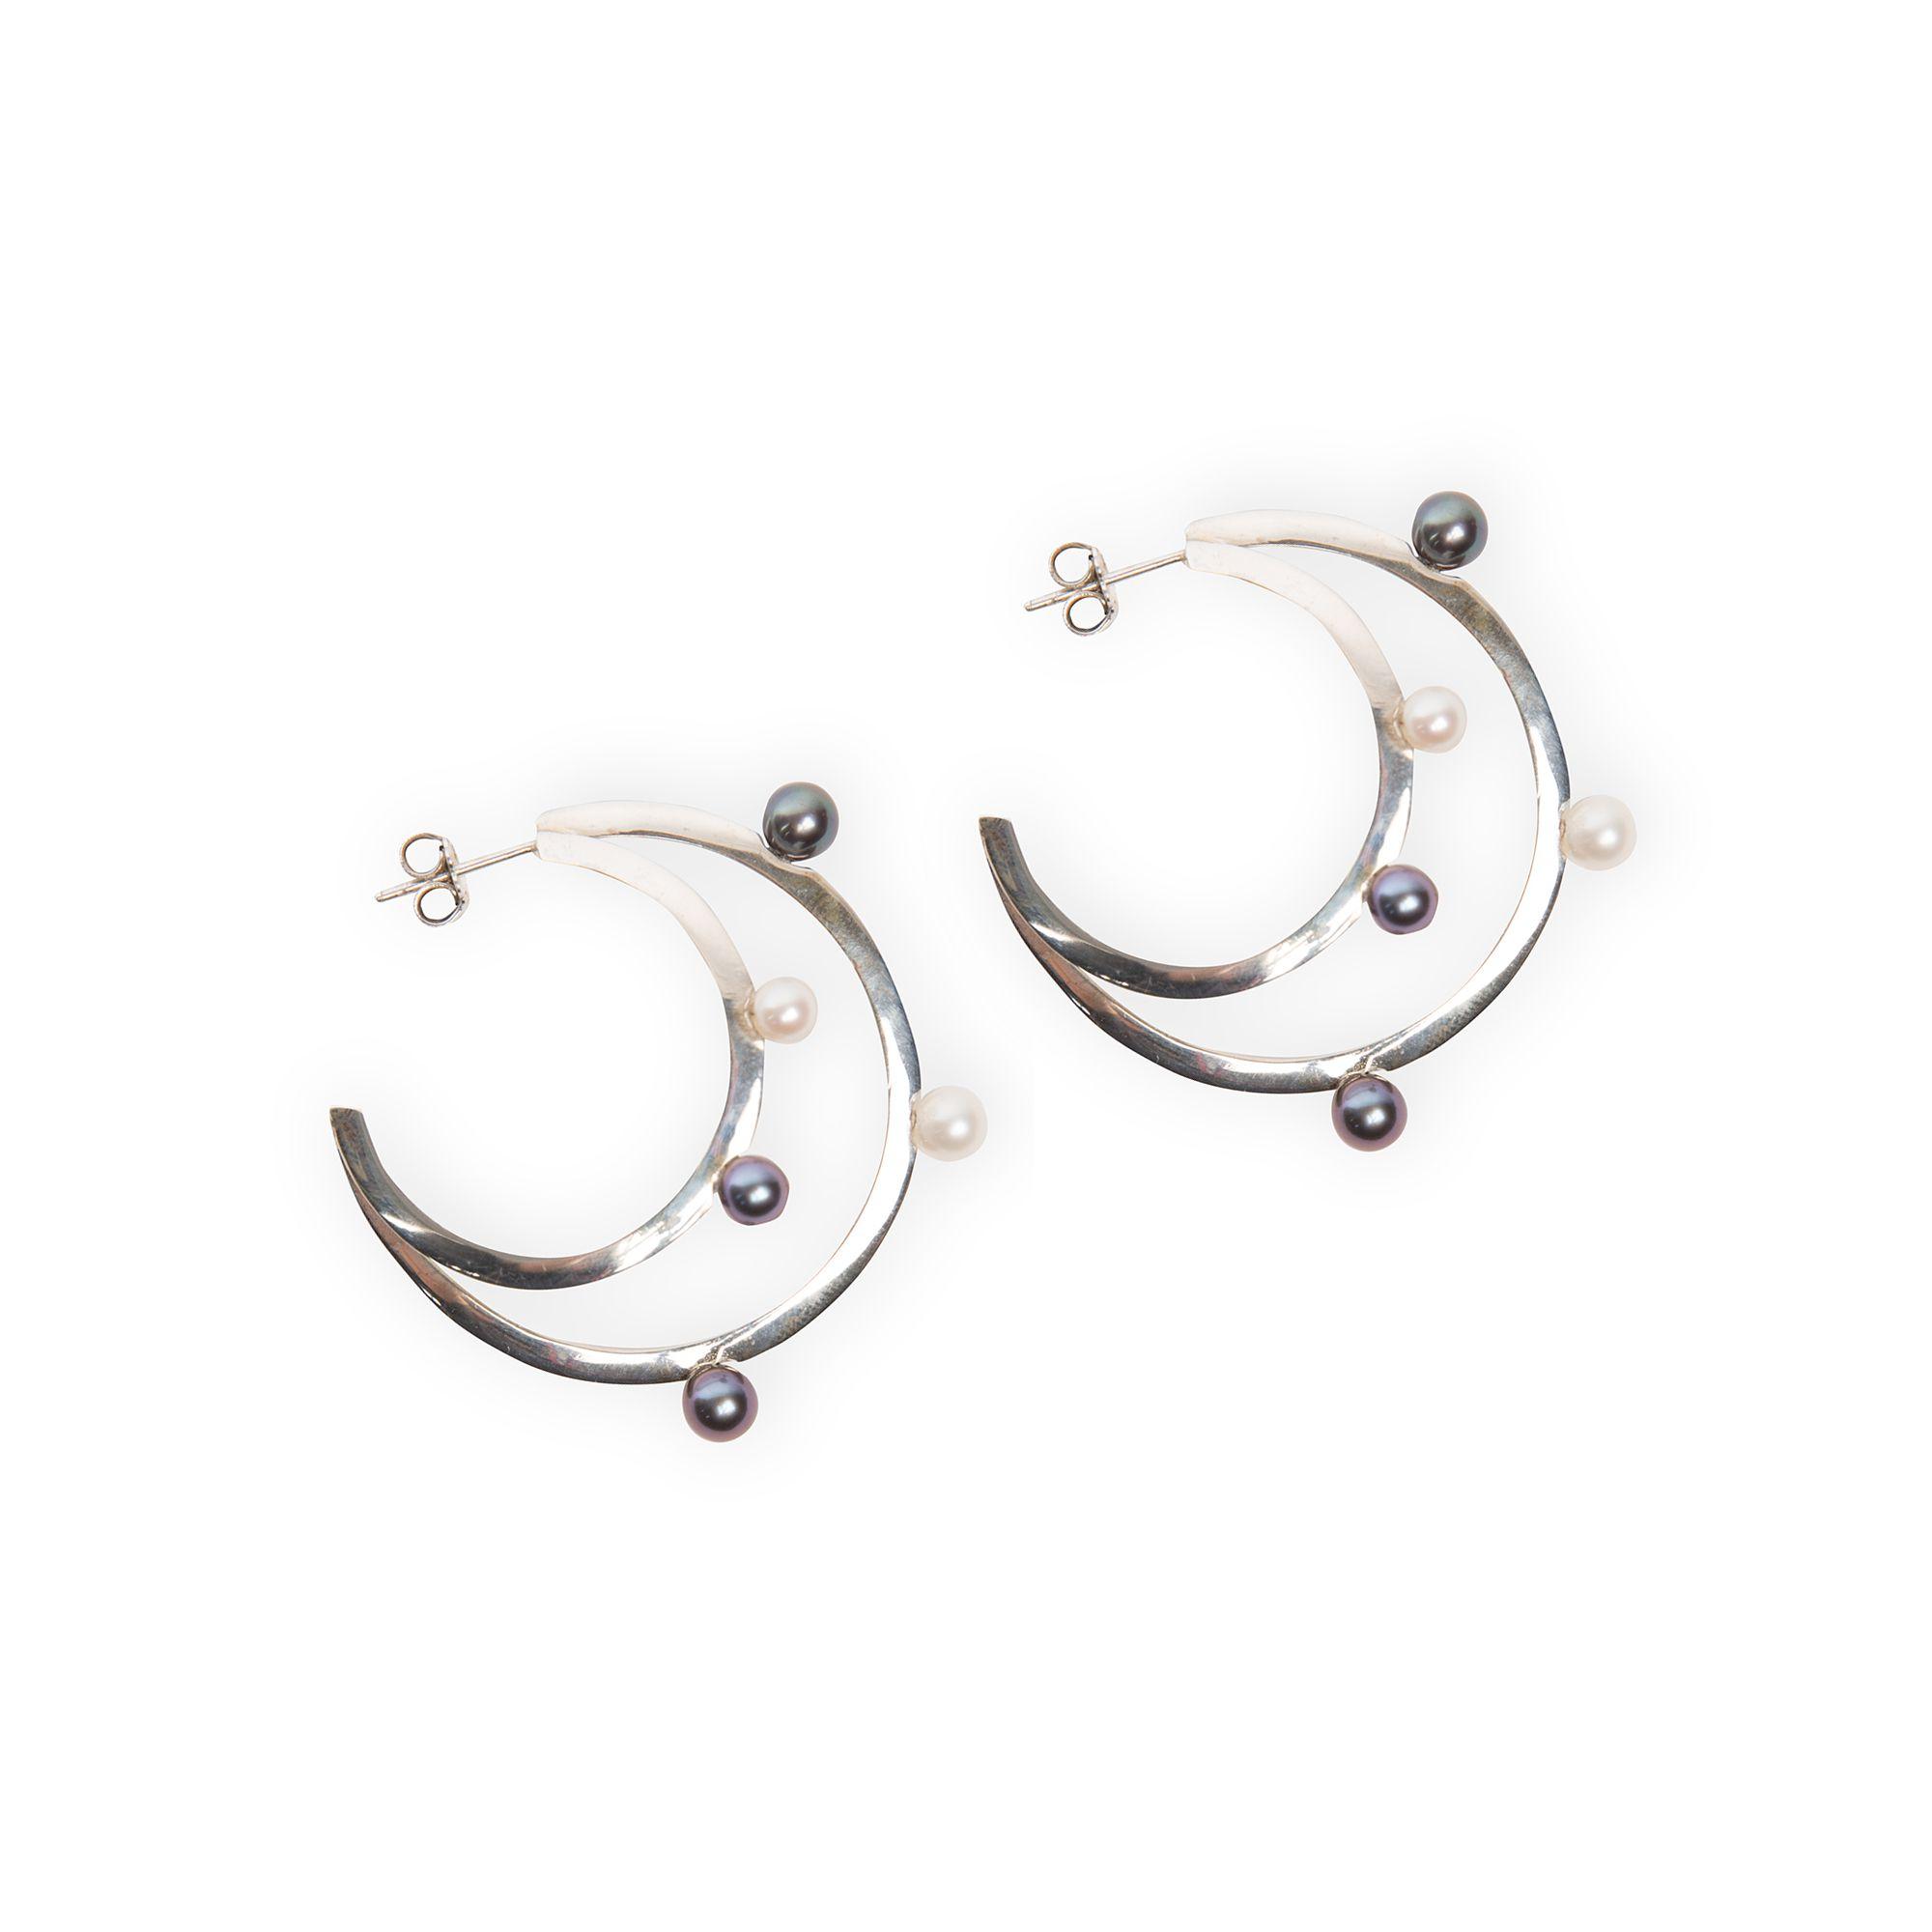 Doppio cerchio con perle Orecchino cerchio in argento e perle bianche e grigie